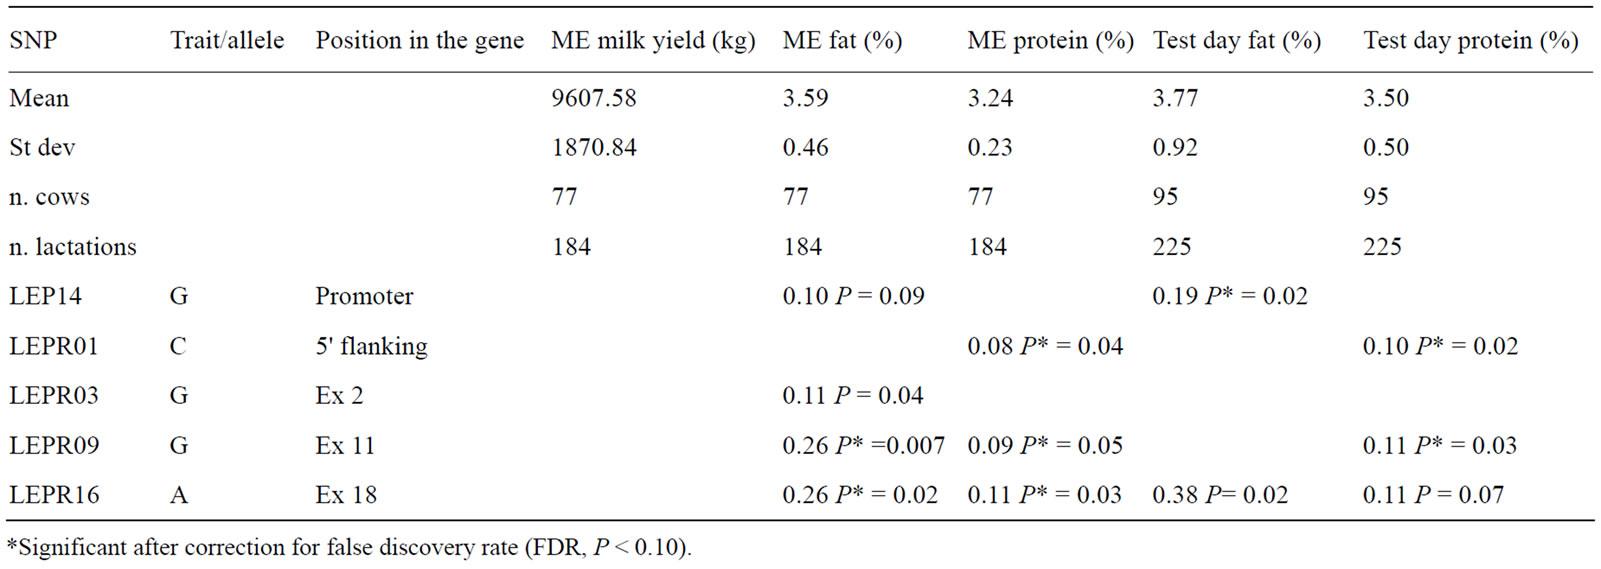 equivalent mature milk